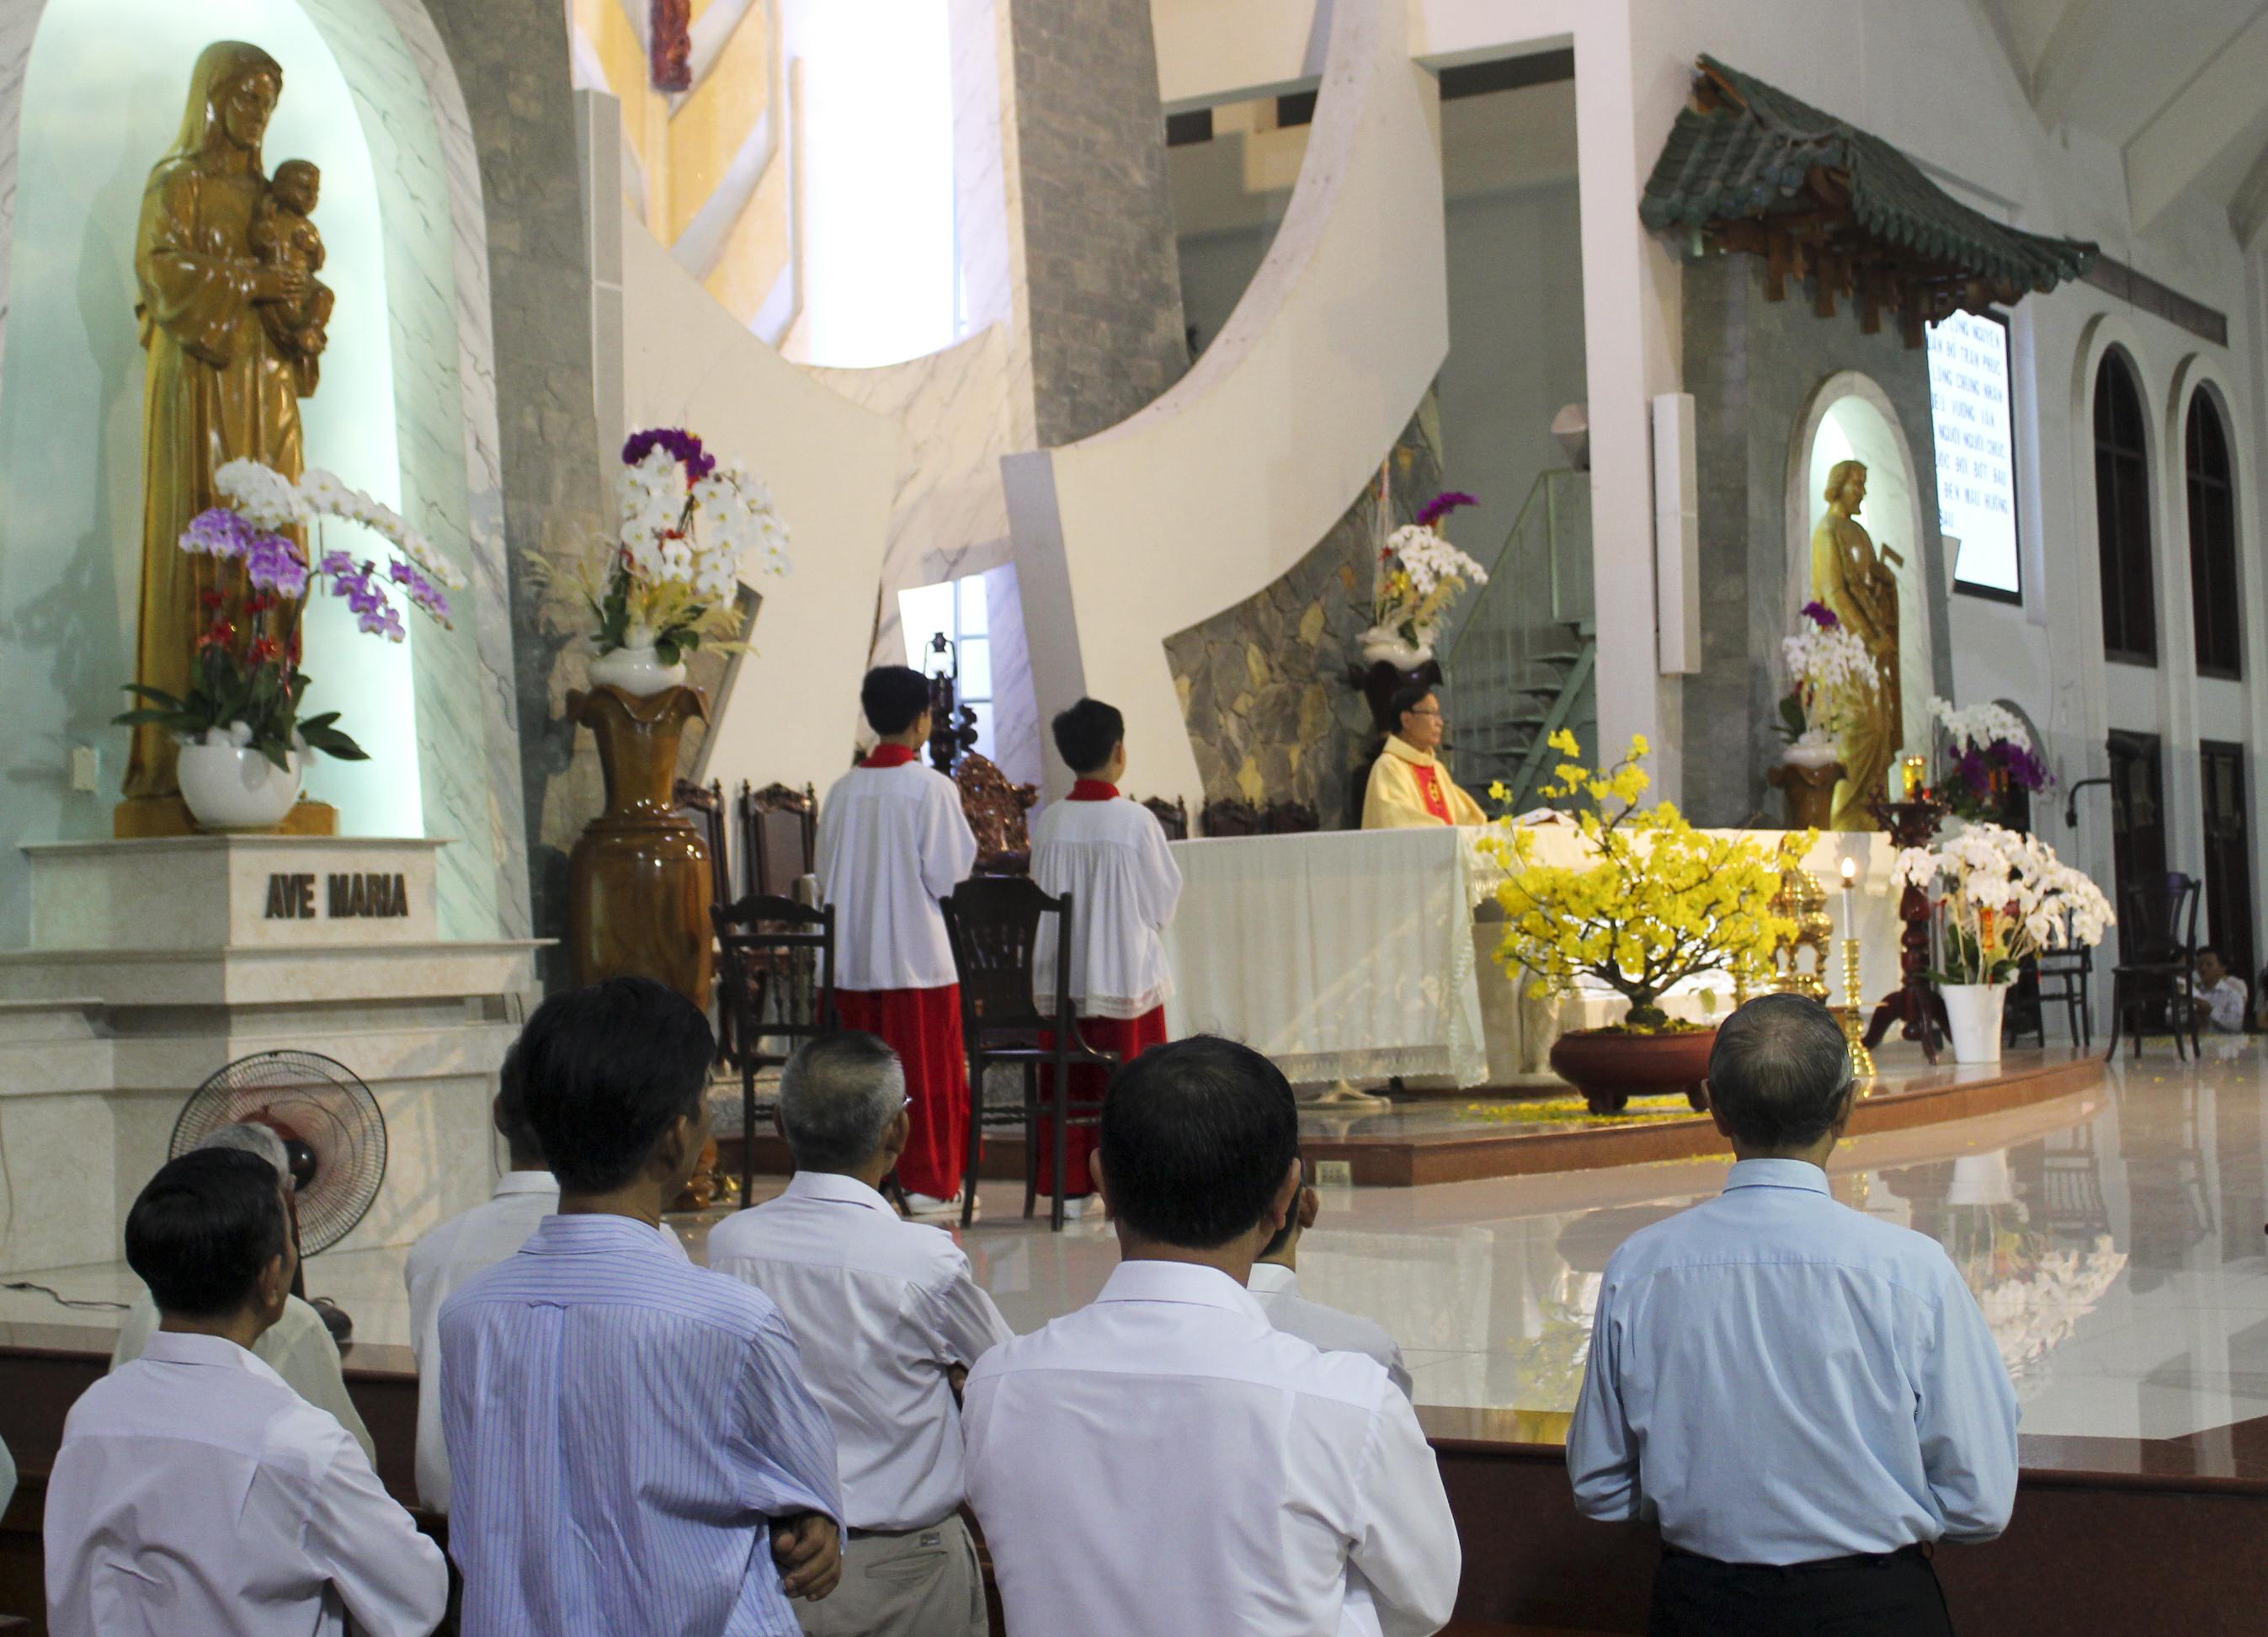 Giáo Dân Tân Thái Sơn Mừng Tết Đinh Dậu 2017 - Mùng Ba Thánh Hóa Công Việc Làm Ăn